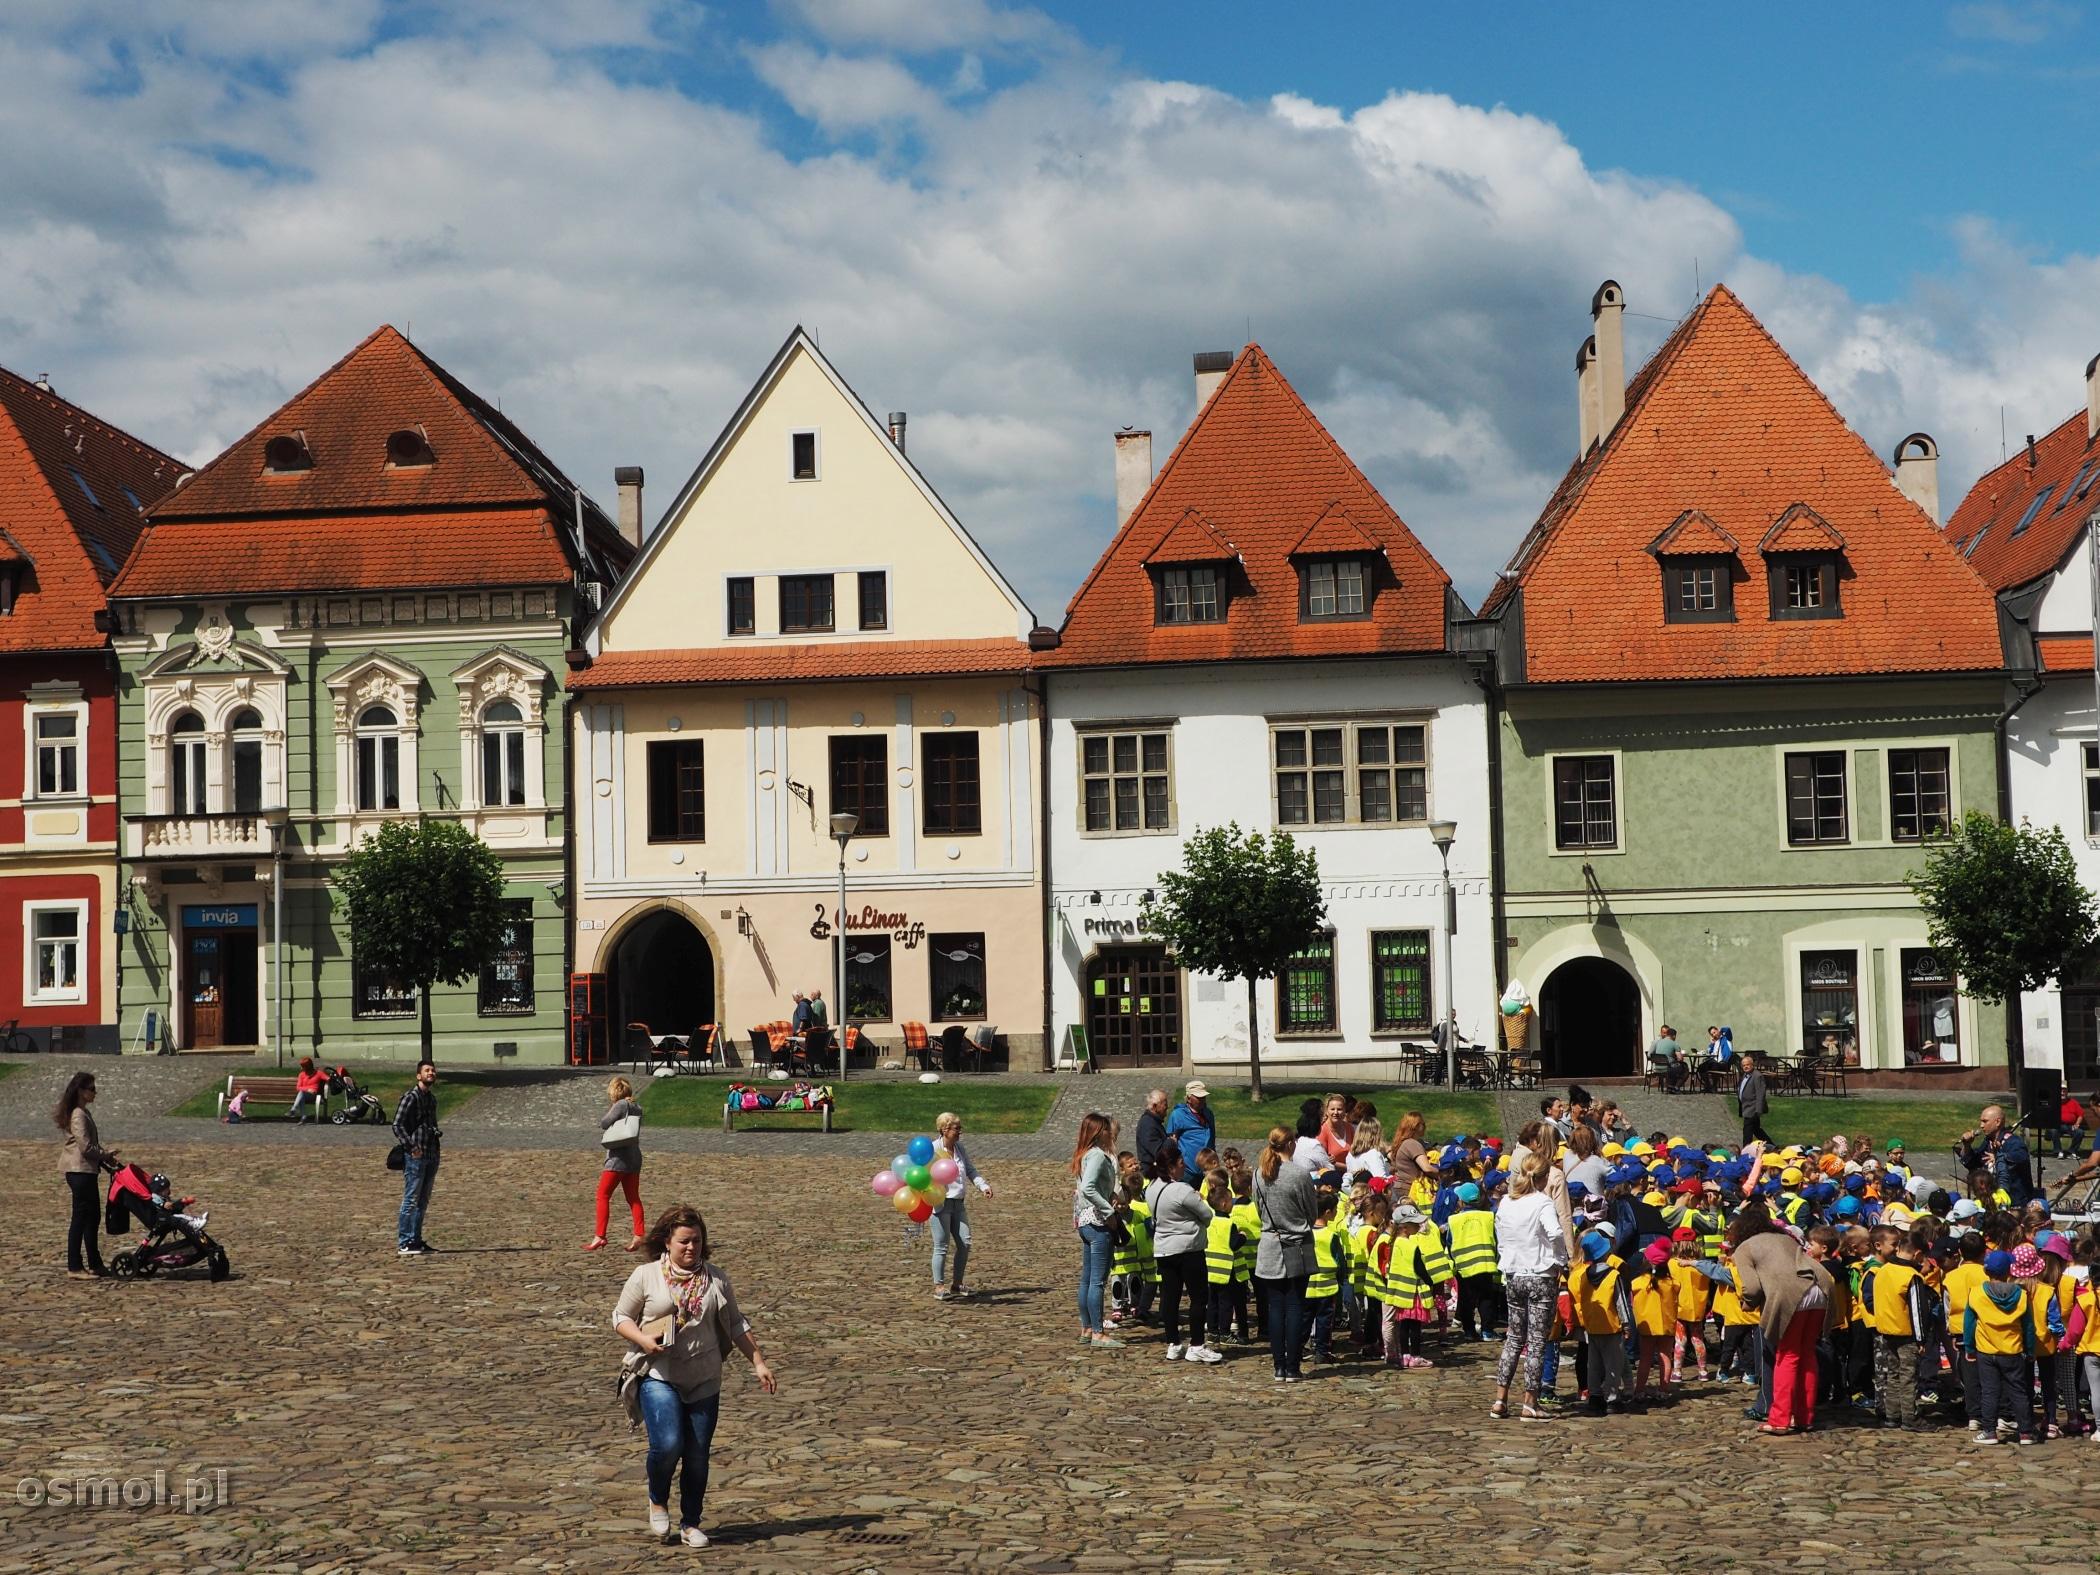 festyn dla dzieci na rynku w Bardejovie